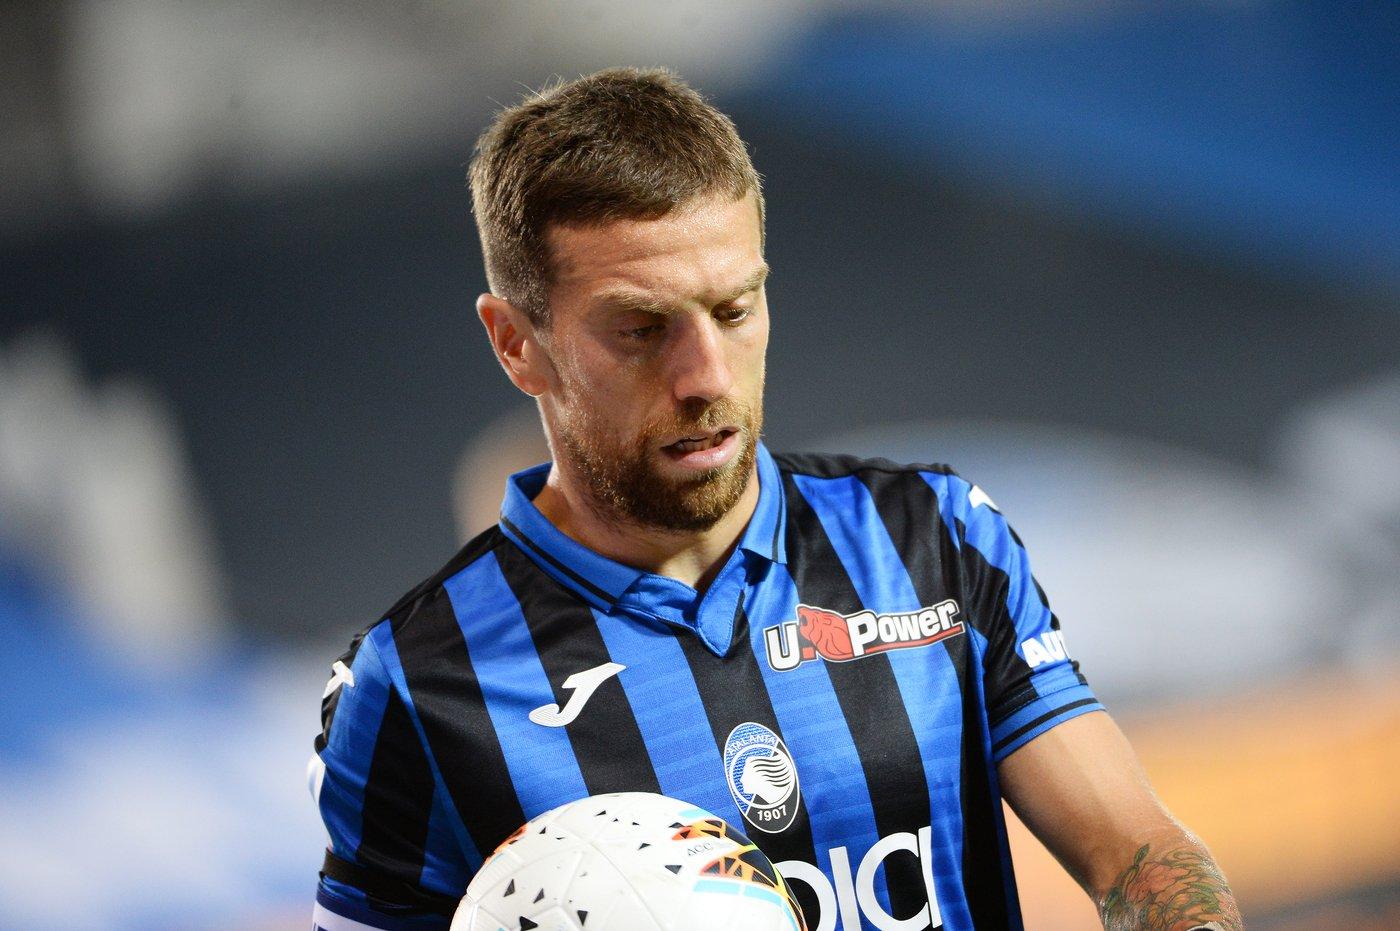 Gomez all'Al Nassr, ore decisive: l'ultima parola spetta al giocatore